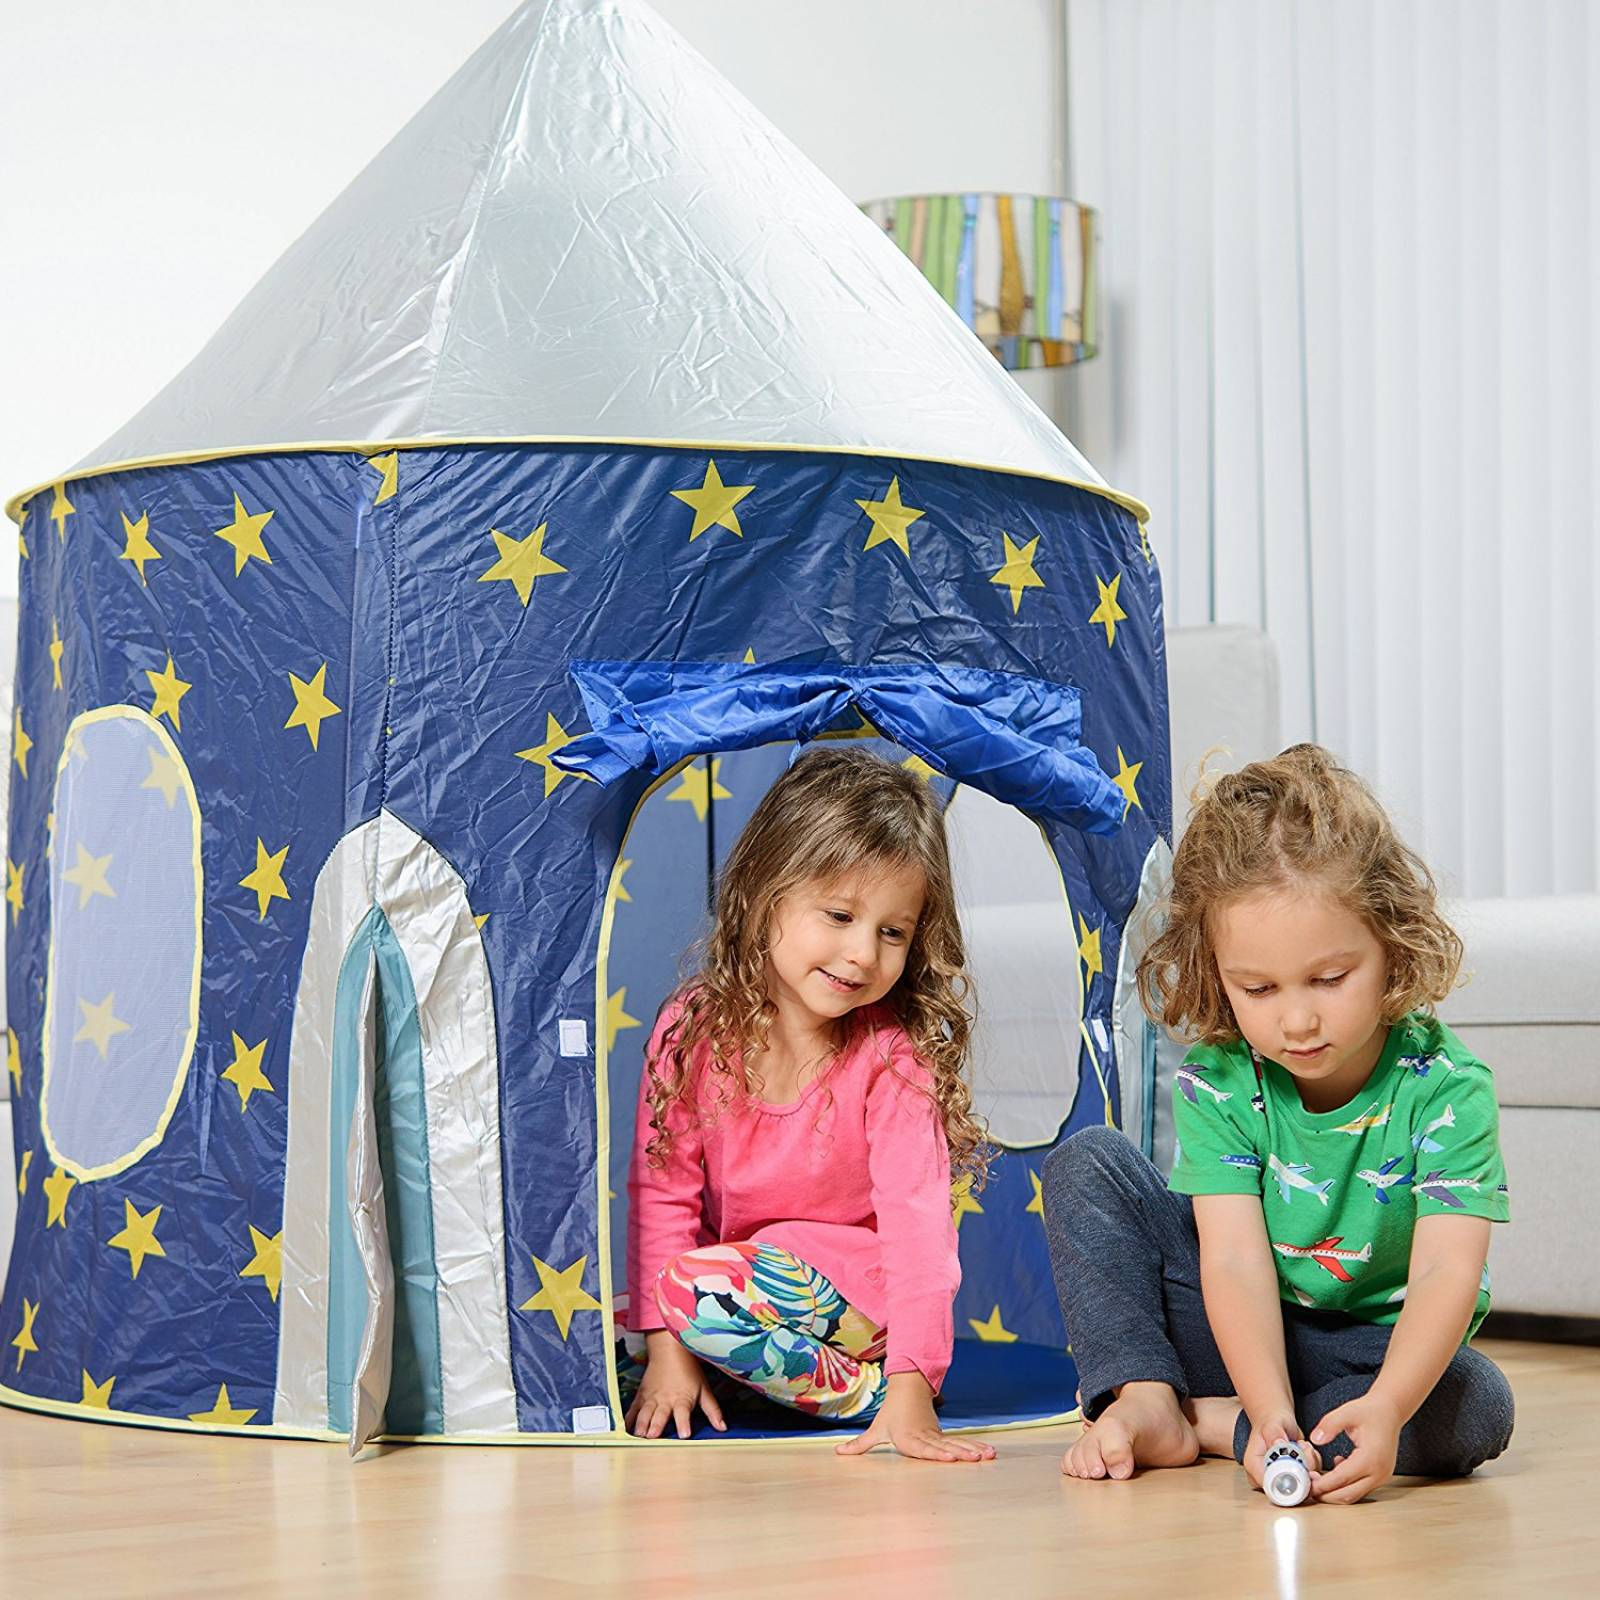 Tienda De Campaña Para Niños Usa Toyz Nave Espacial